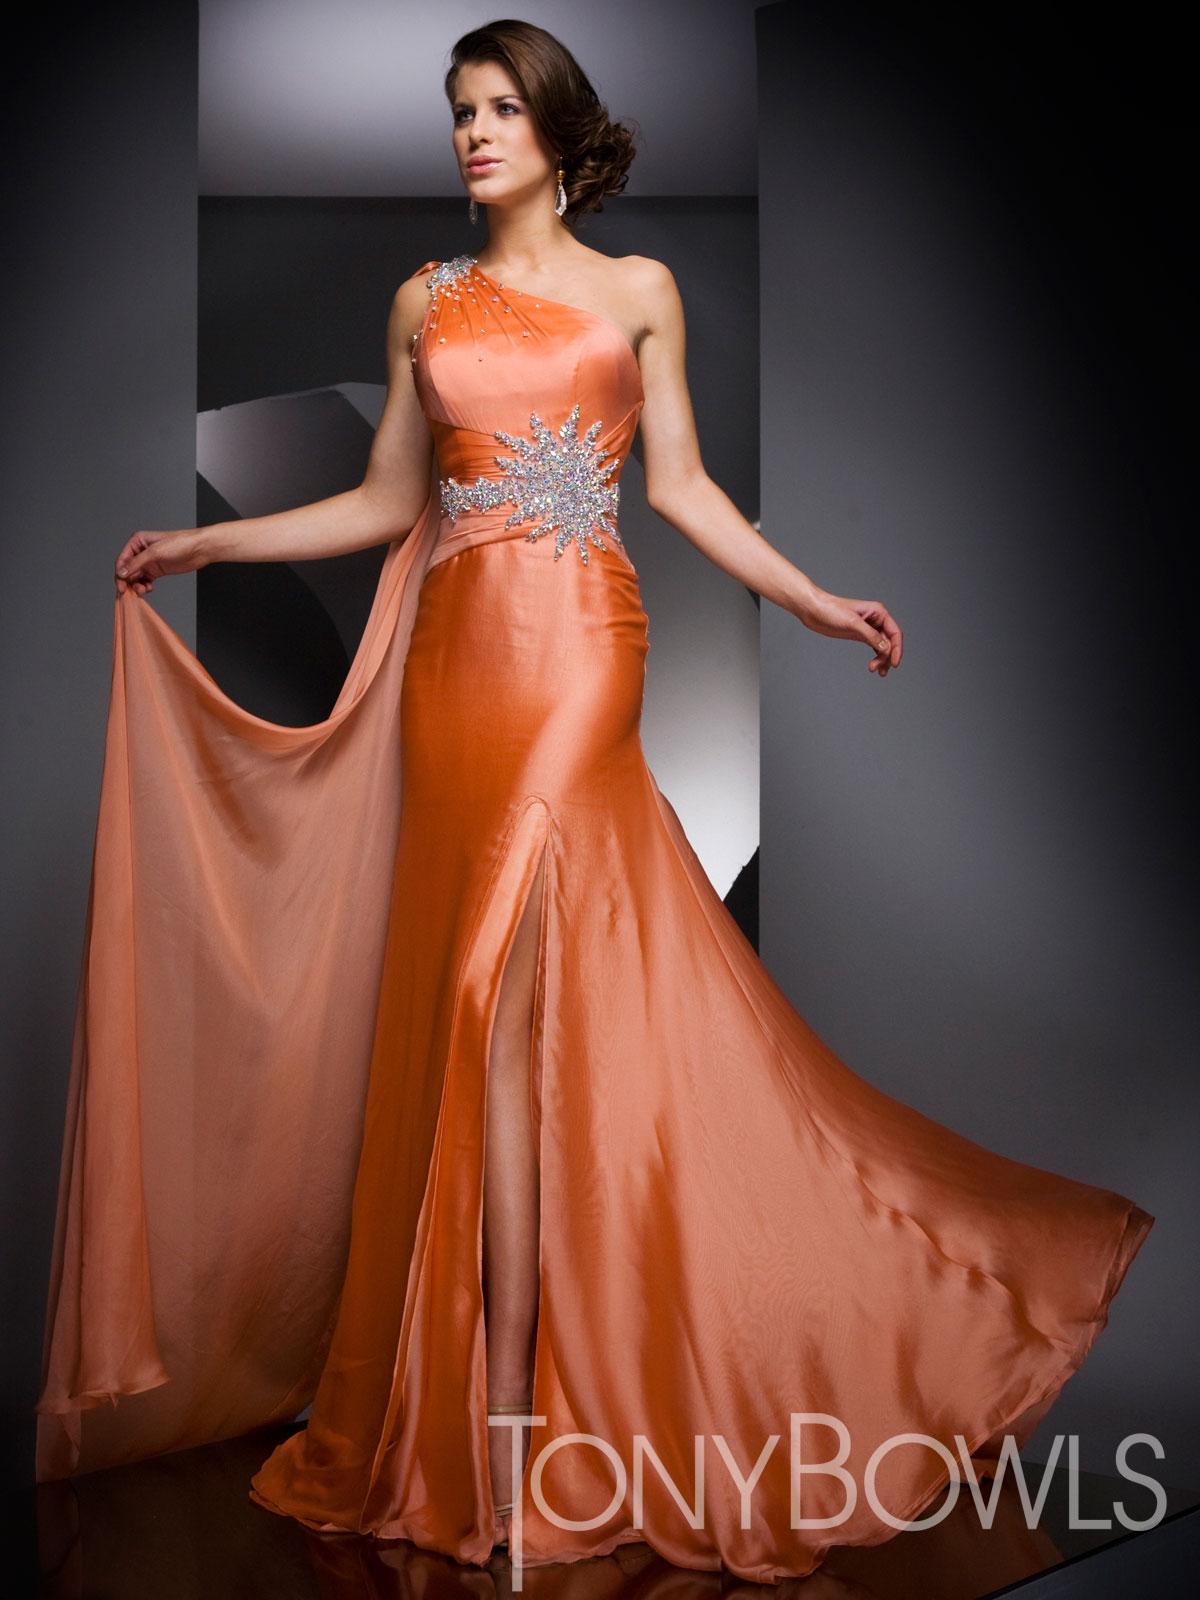 turuncu işlemeli nişanlık modeli